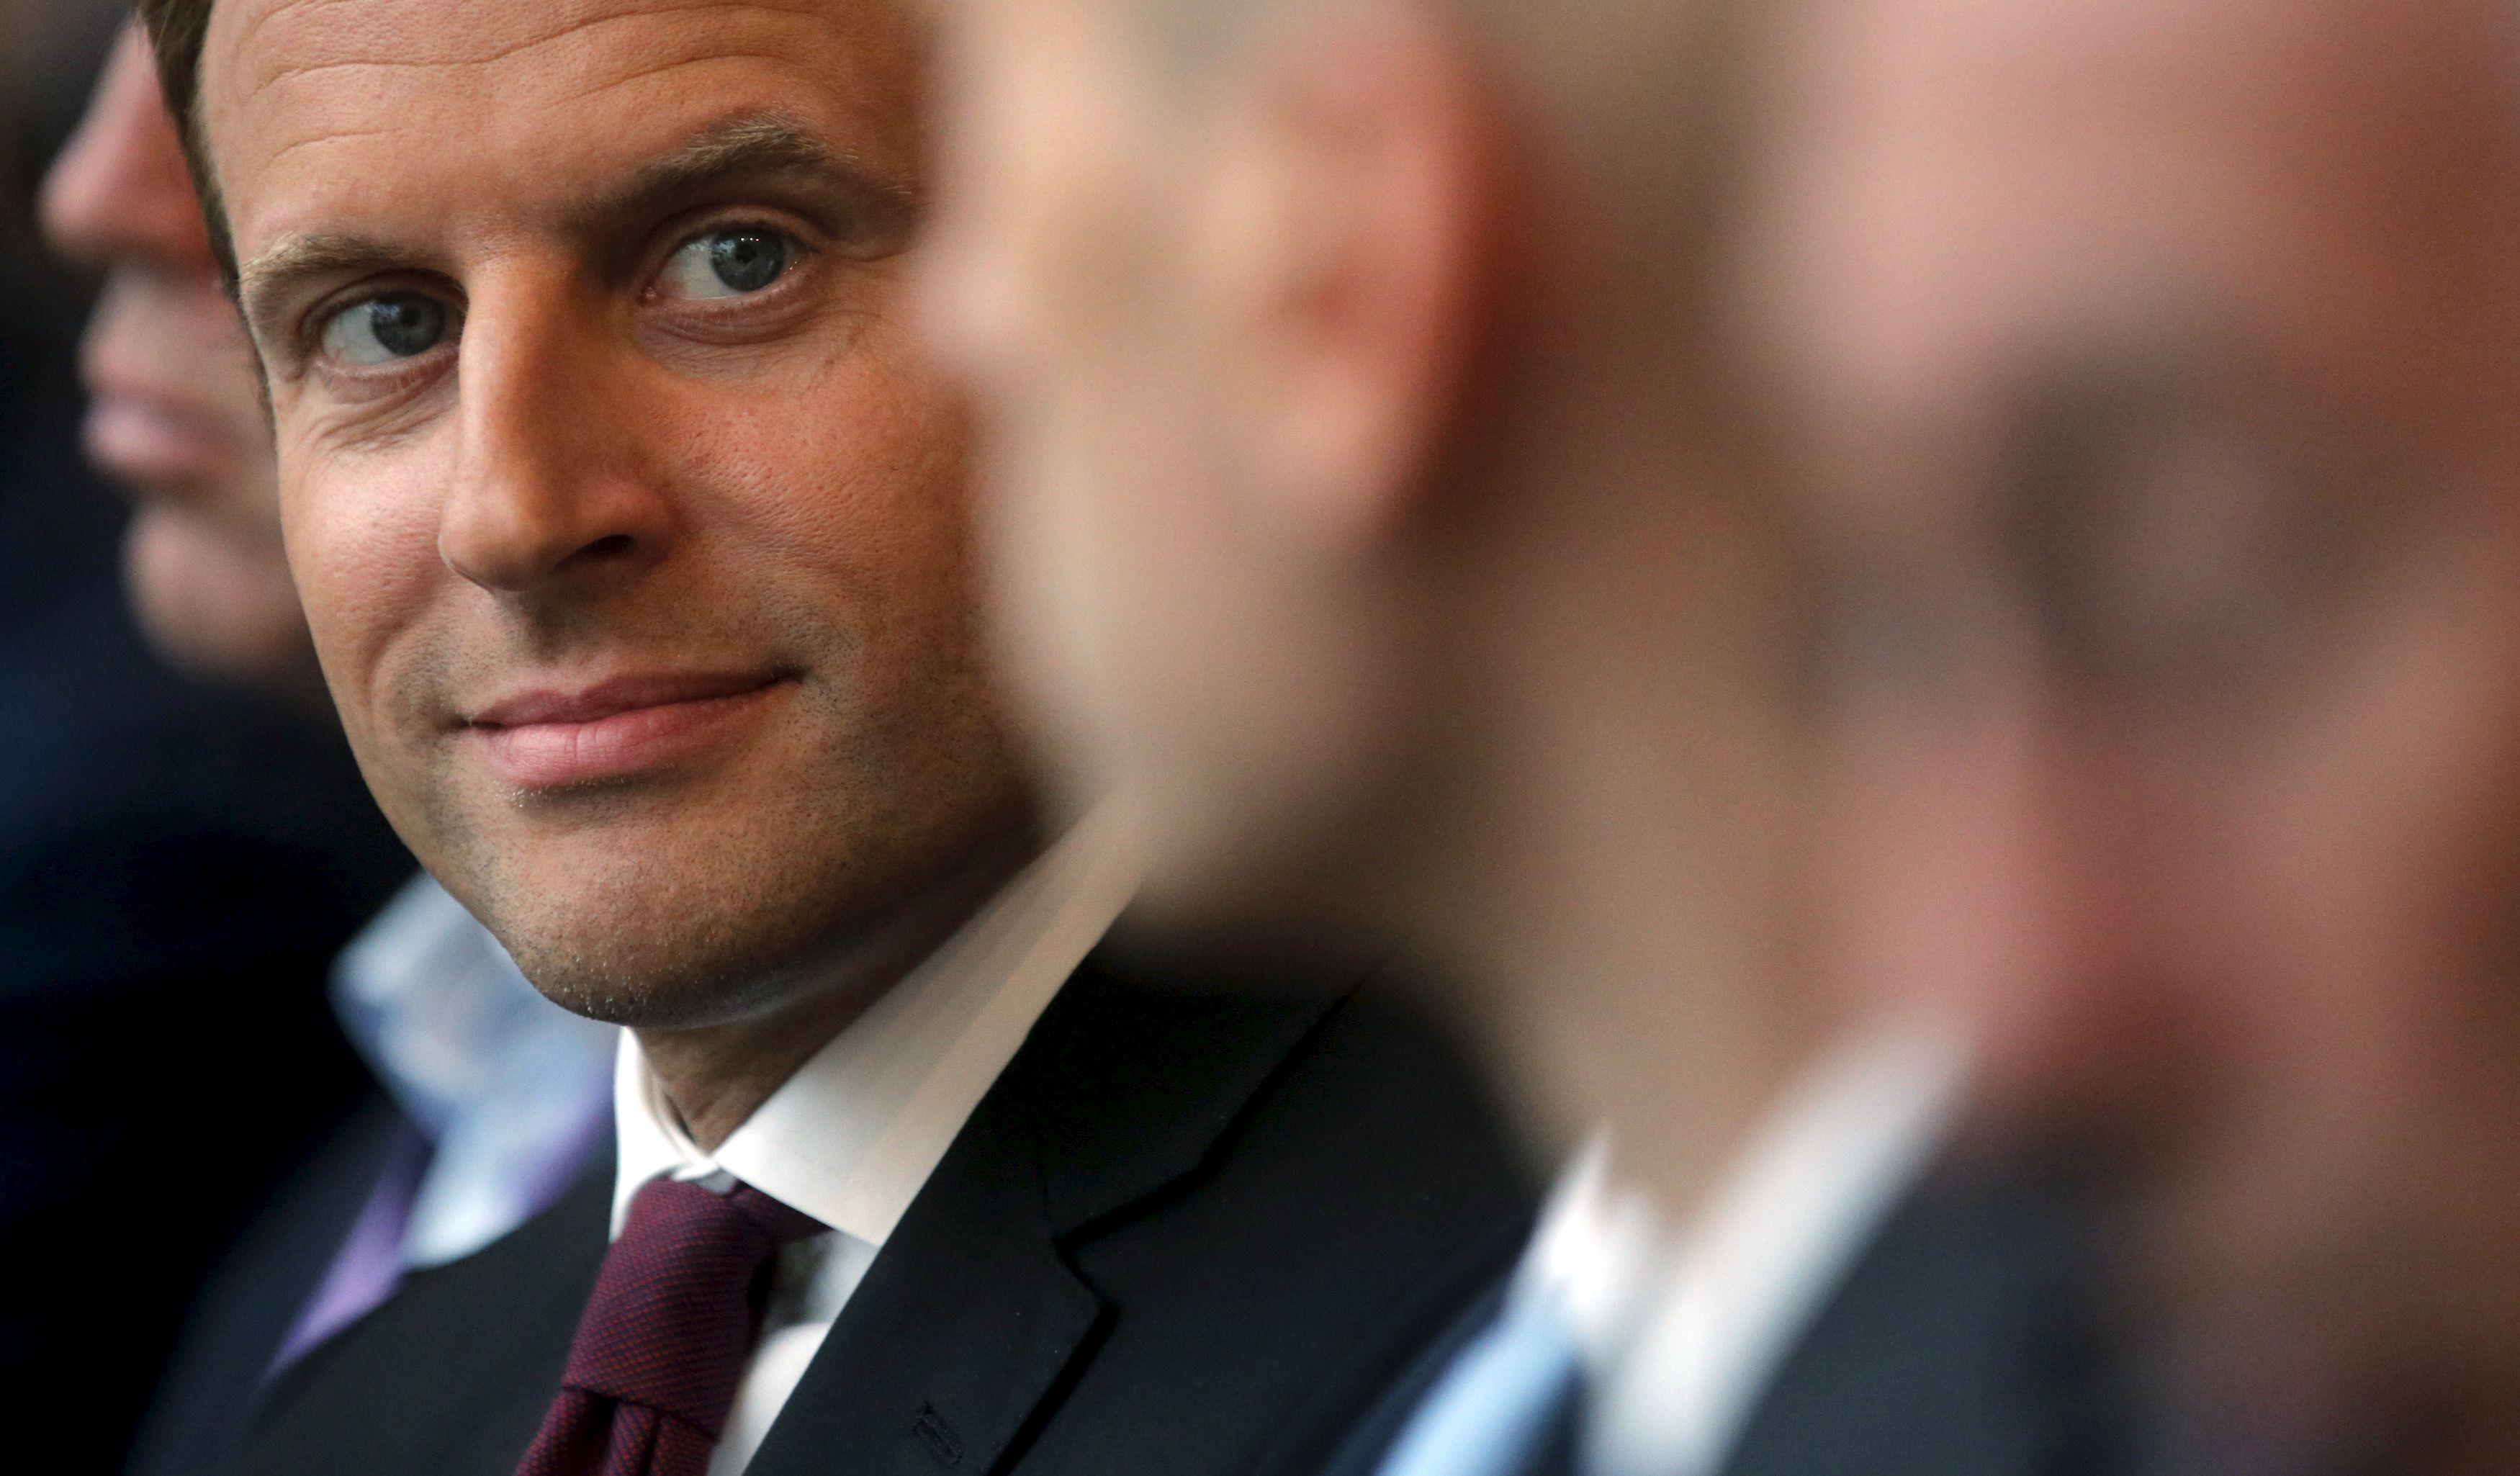 L'appel du pied de Sarkozy à Macron